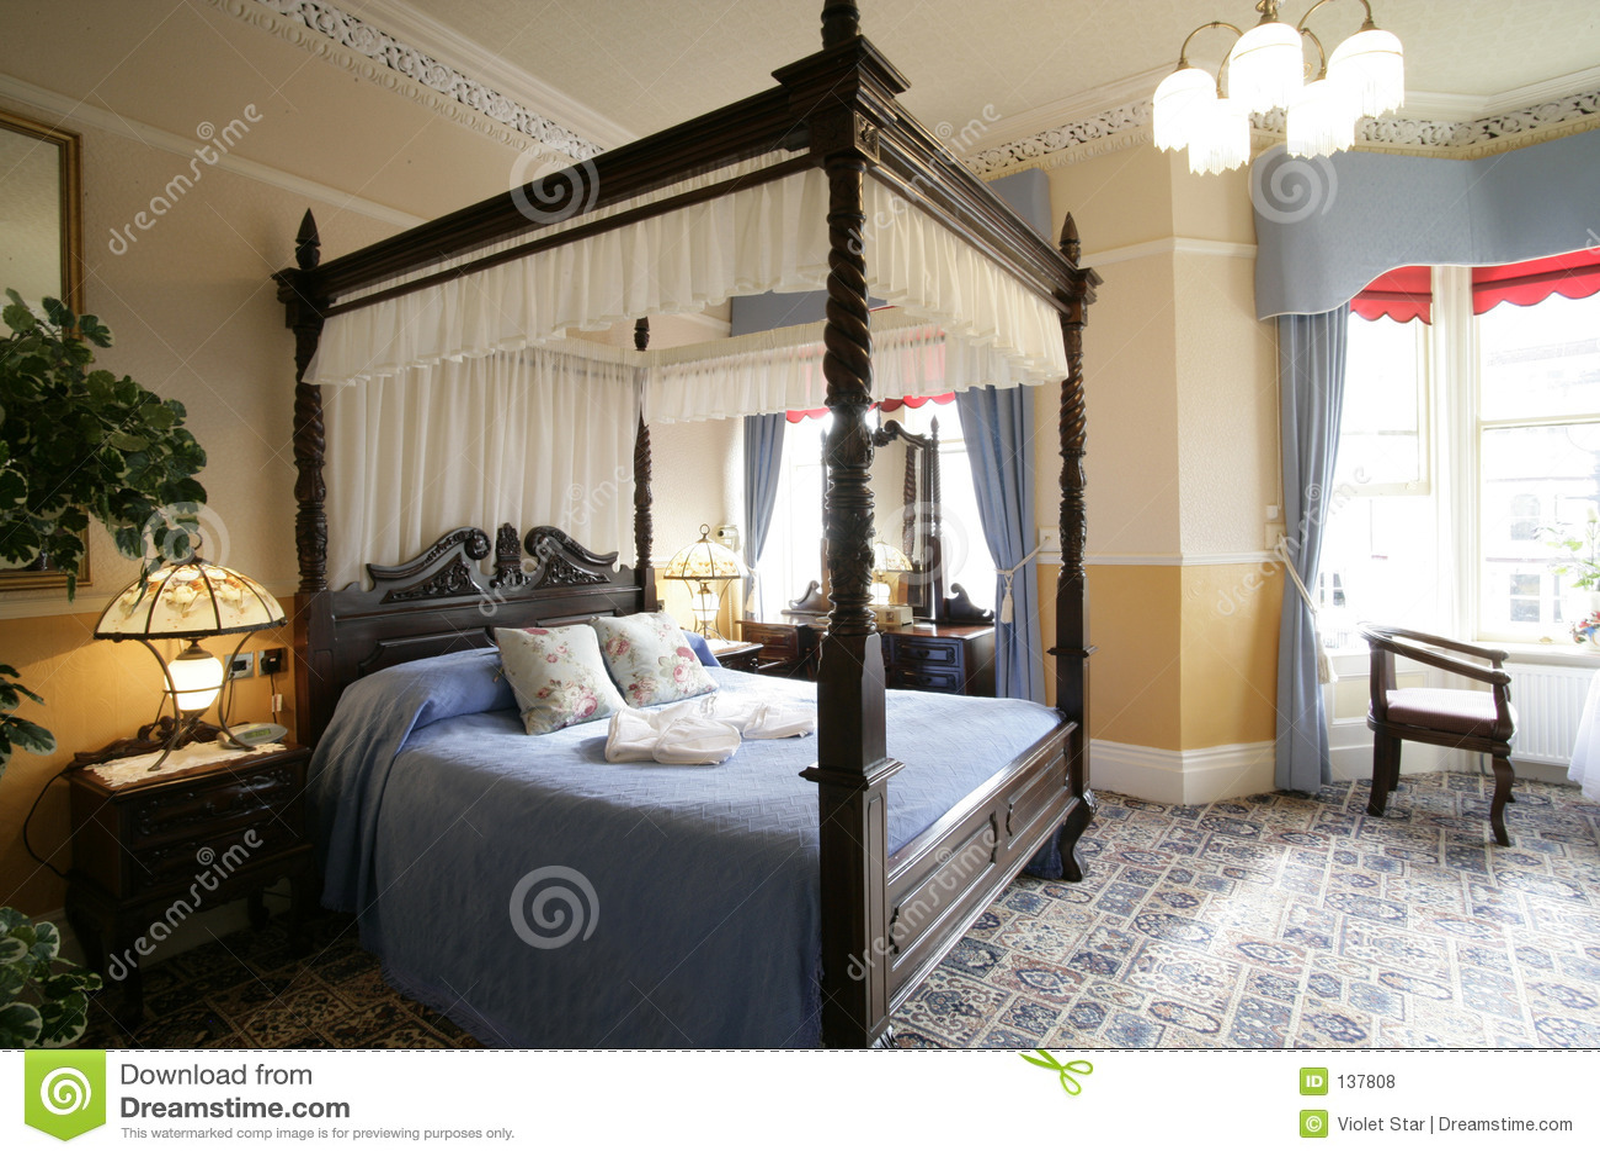 Cama de la cama imperial fotos de archivo libres de for Cama imperial